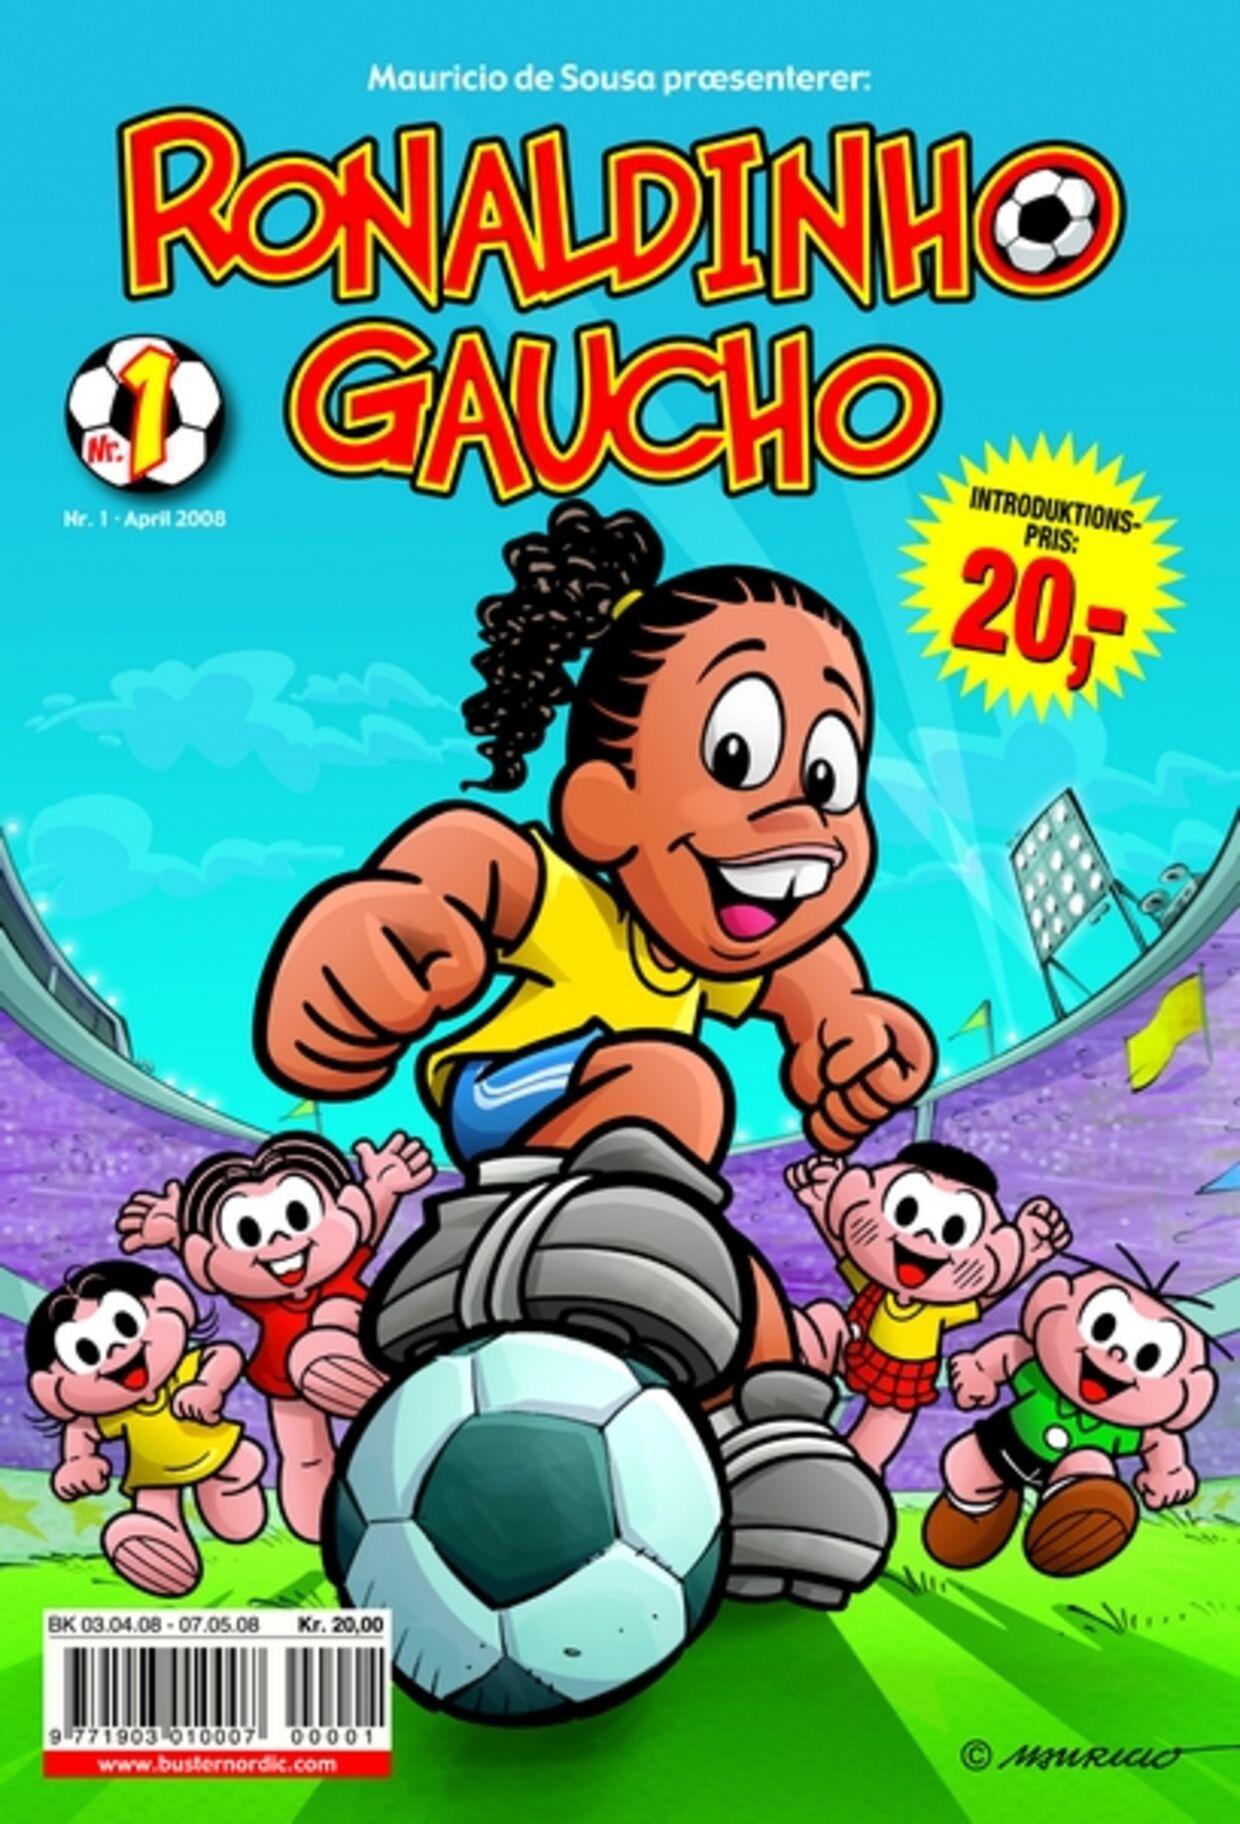 """Her er det første nummer af """"Ronaldinho Gaucho"""", der kommer på gaden næste torsdag."""